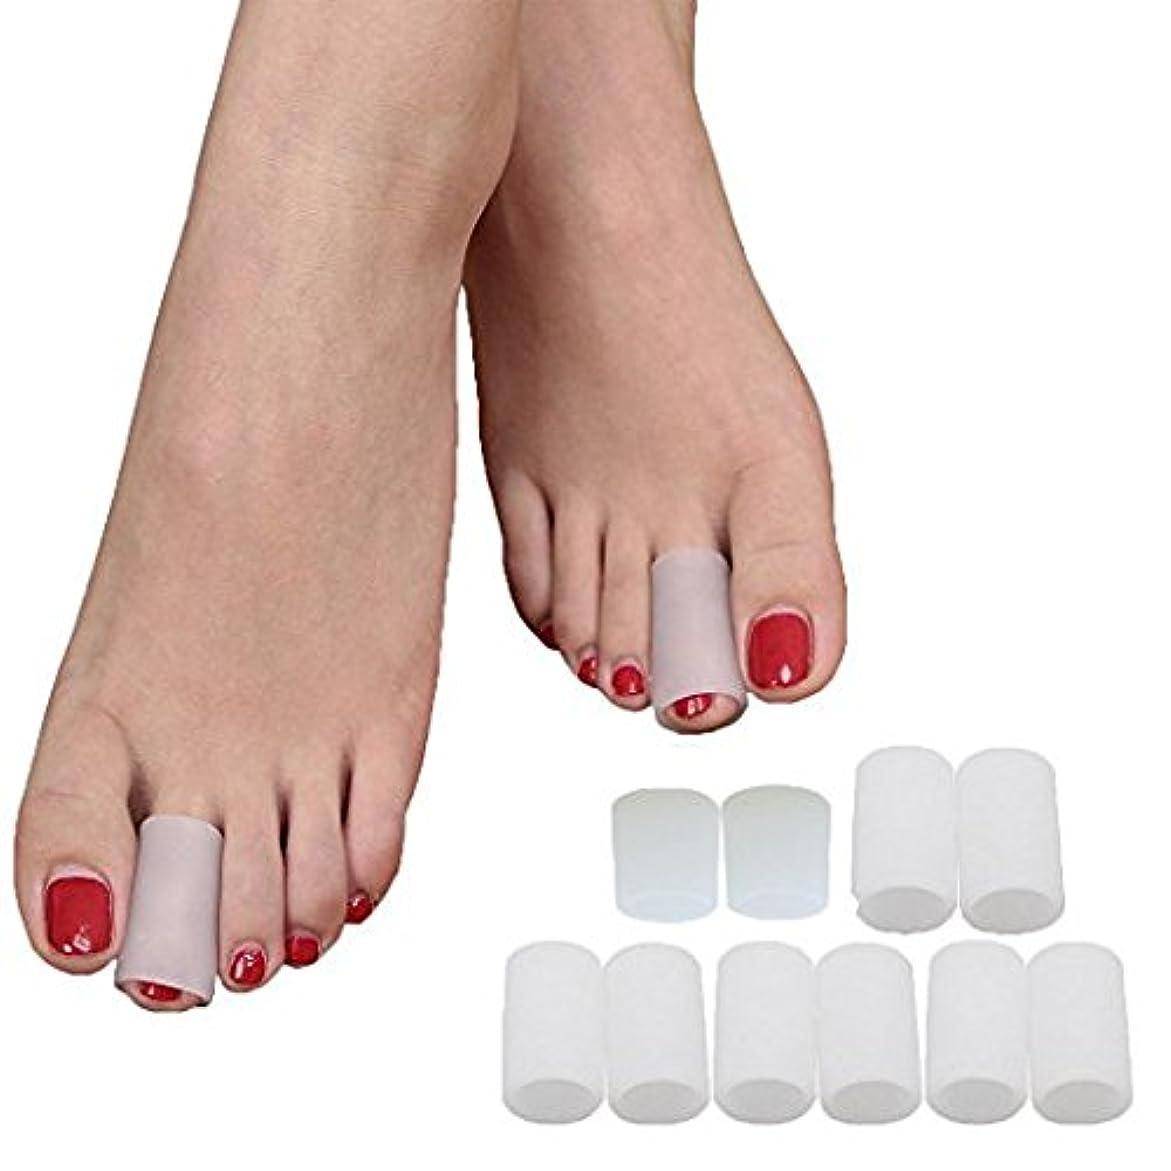 期限測定可能敬意Povihome 足指保護キャップ, つま先プロテクター,足の小指保護 白い 5ペア